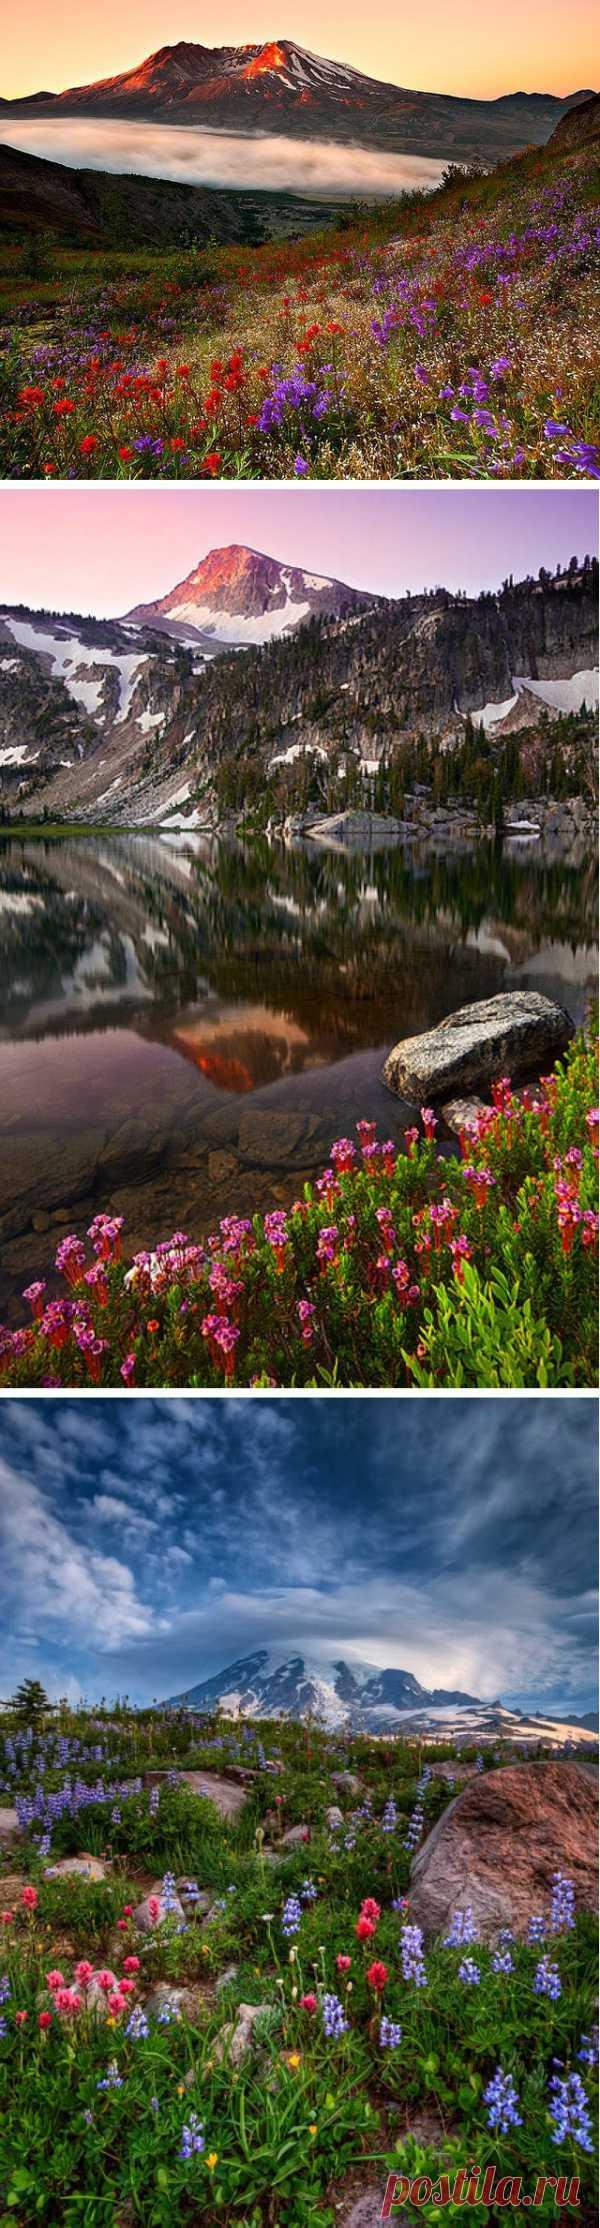 Цветы и горы. Необычайно красивое сочетание!